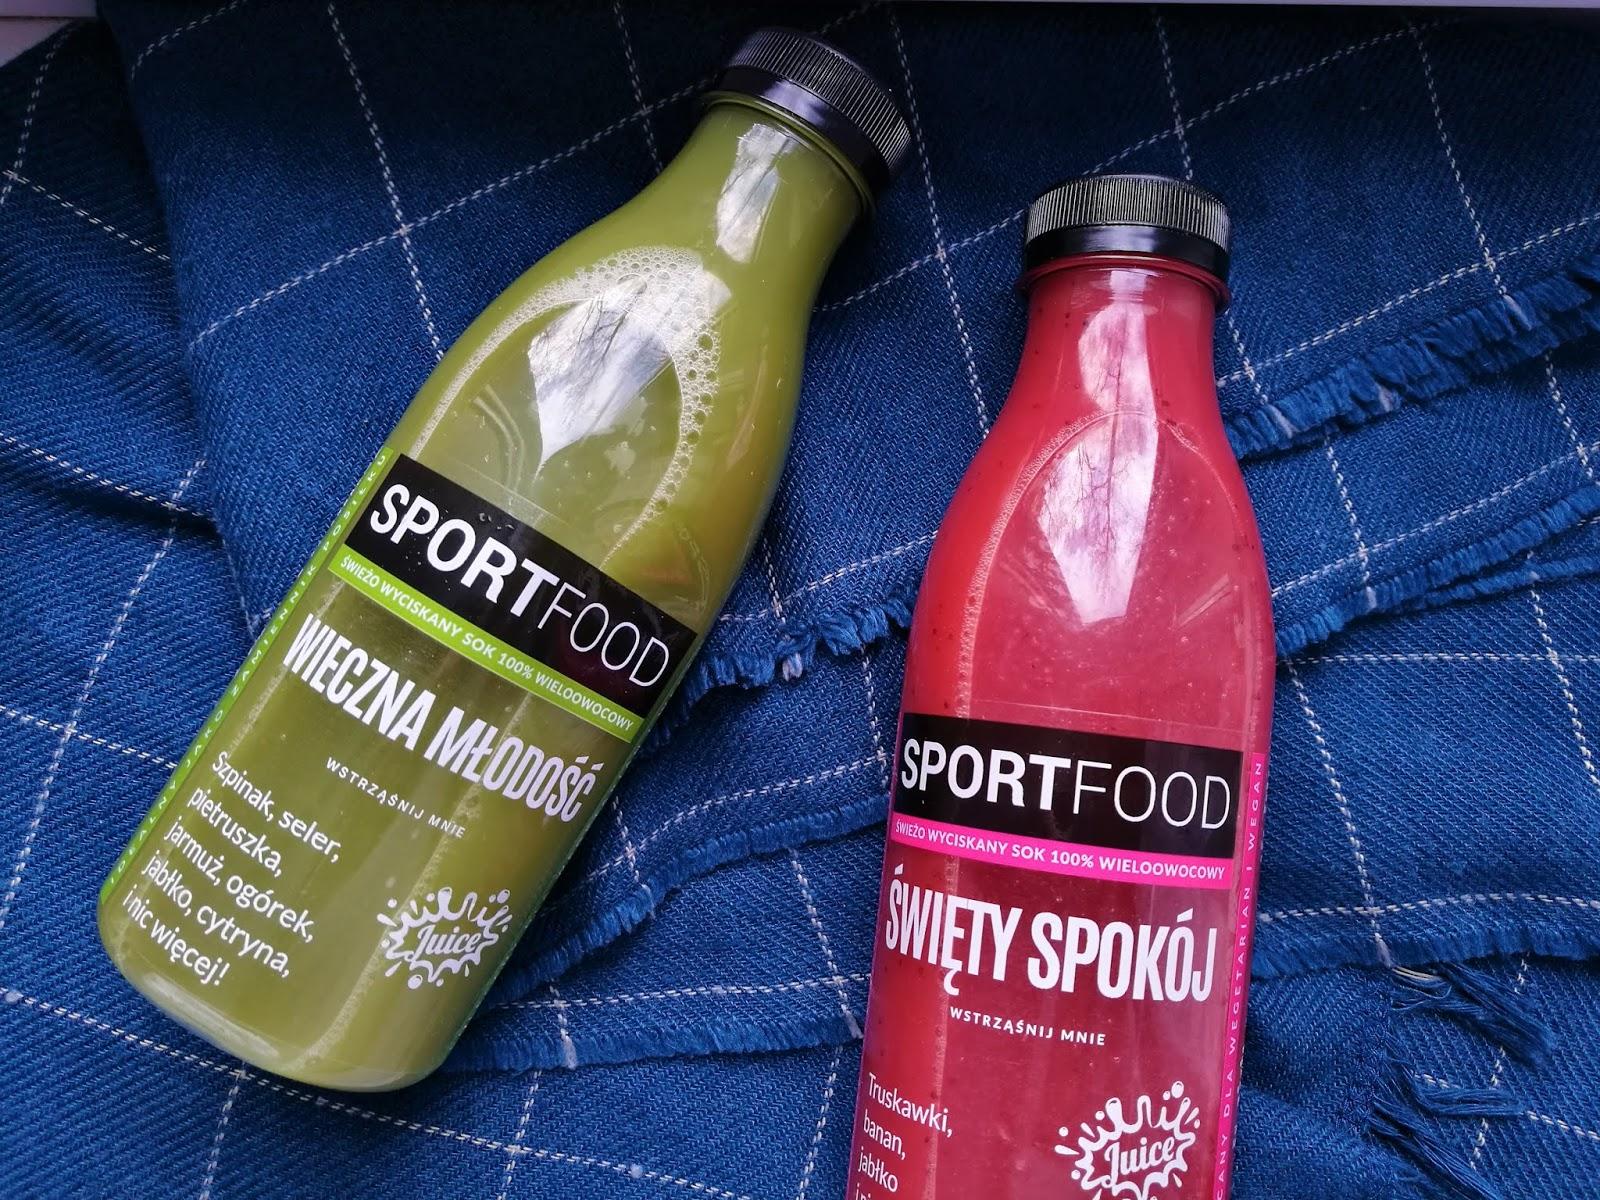 Oczyść swój organizm w 1 dzień z Sportfood!